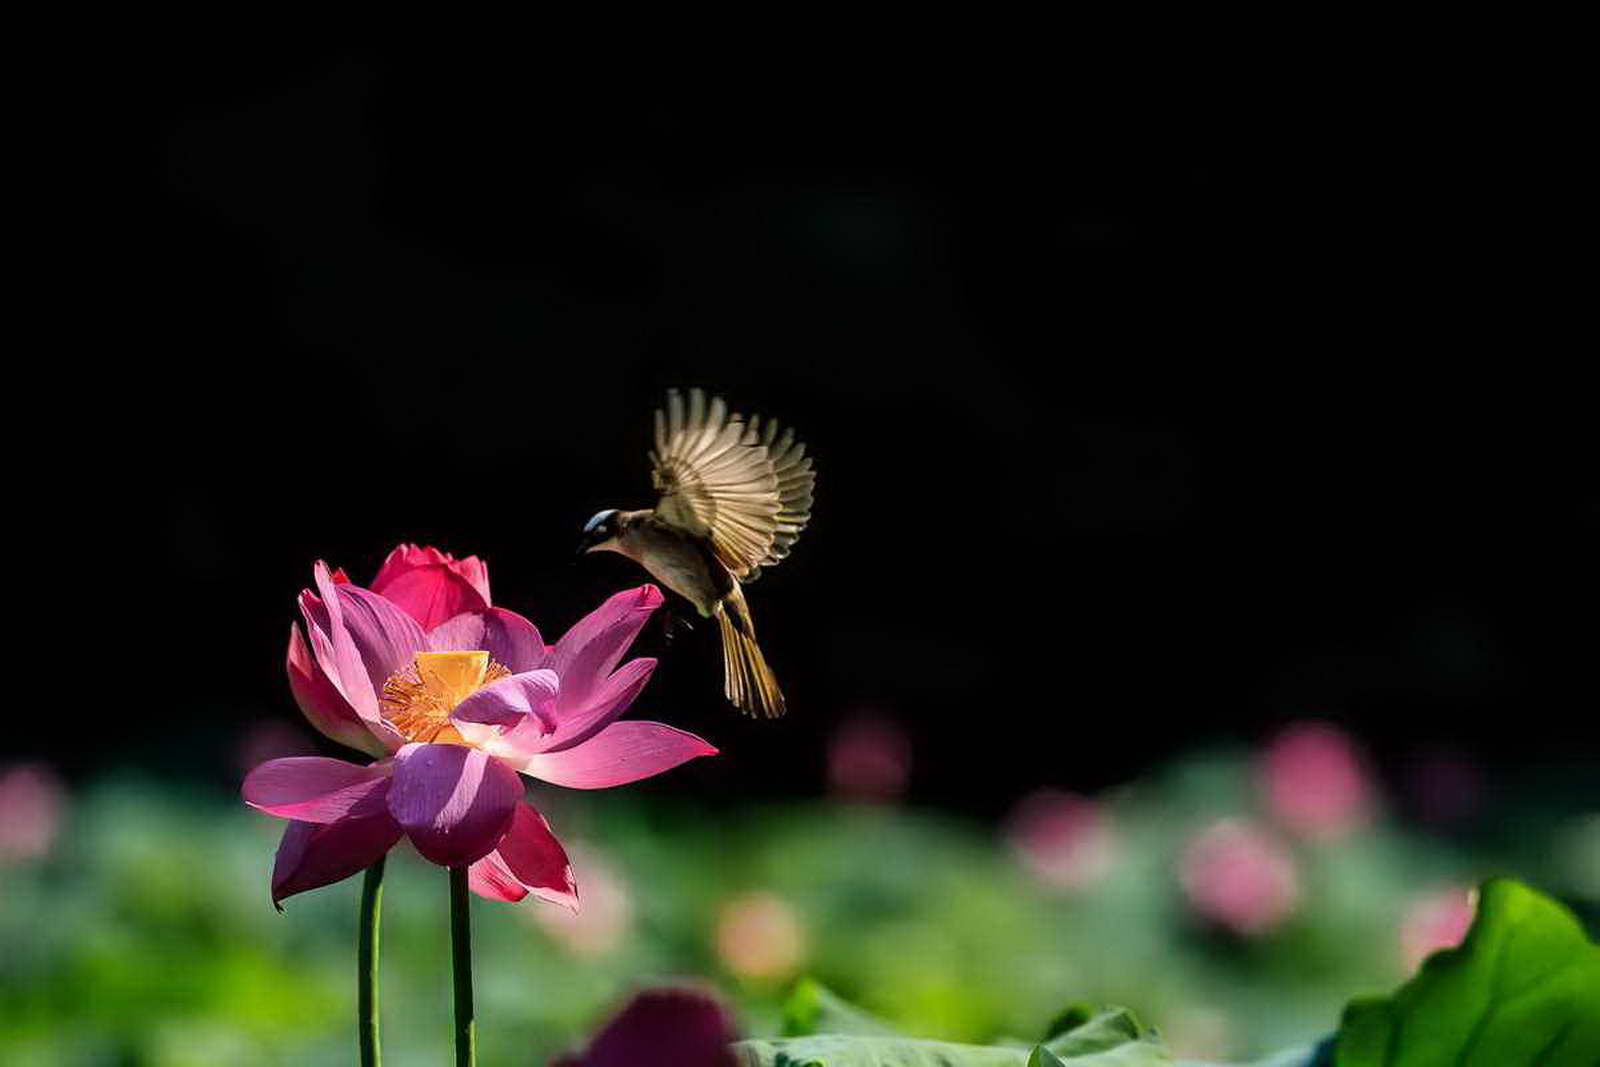 大连联通 朱海鸥 《赏花来》18639553368.jpg